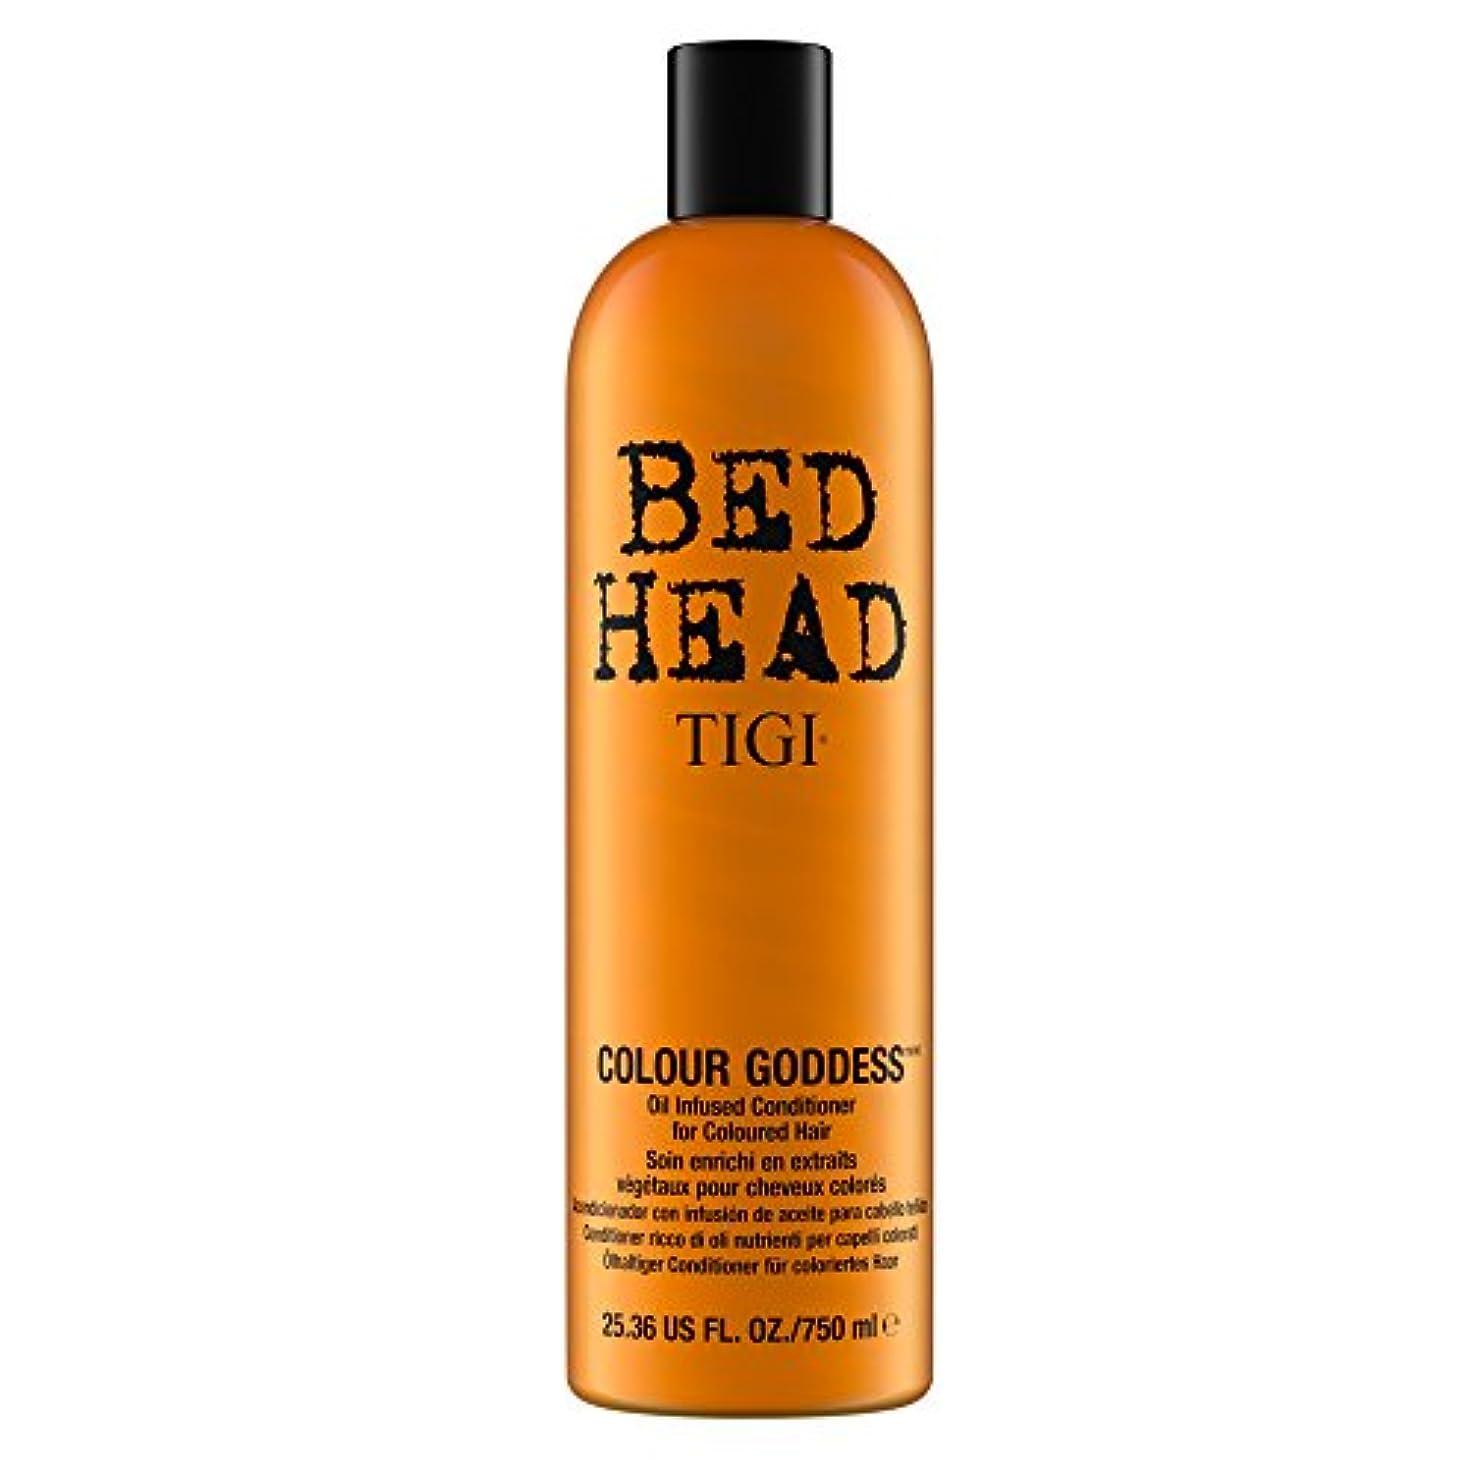 ティジー Bed Head Colour Goddess Oil Infused Conditioner (For Coloured Hair) 750ml [海外直送品]